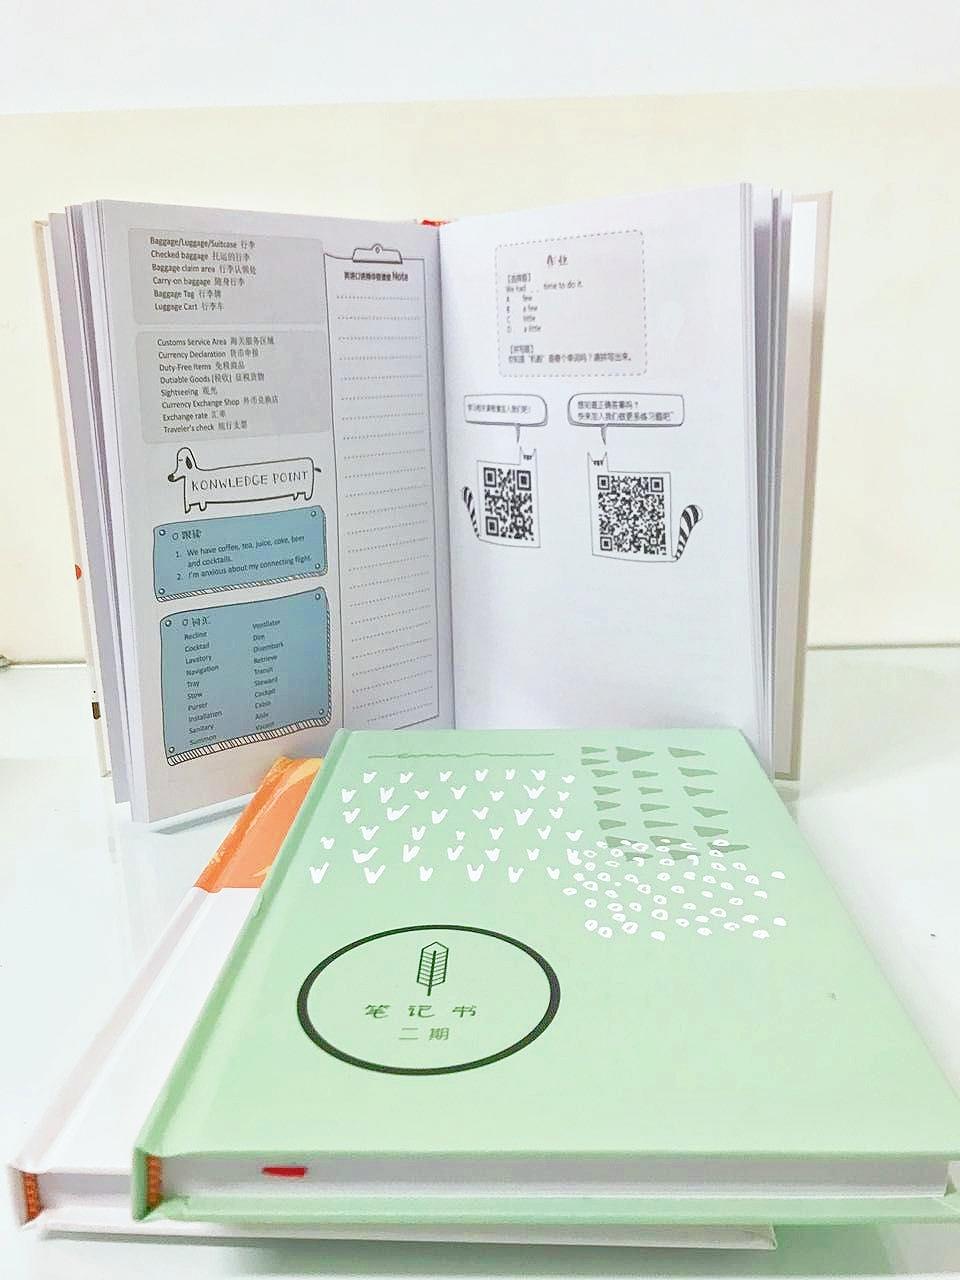 英语口语笔记书(全套,共3期)精装订3本,共600页,只剩1、4期